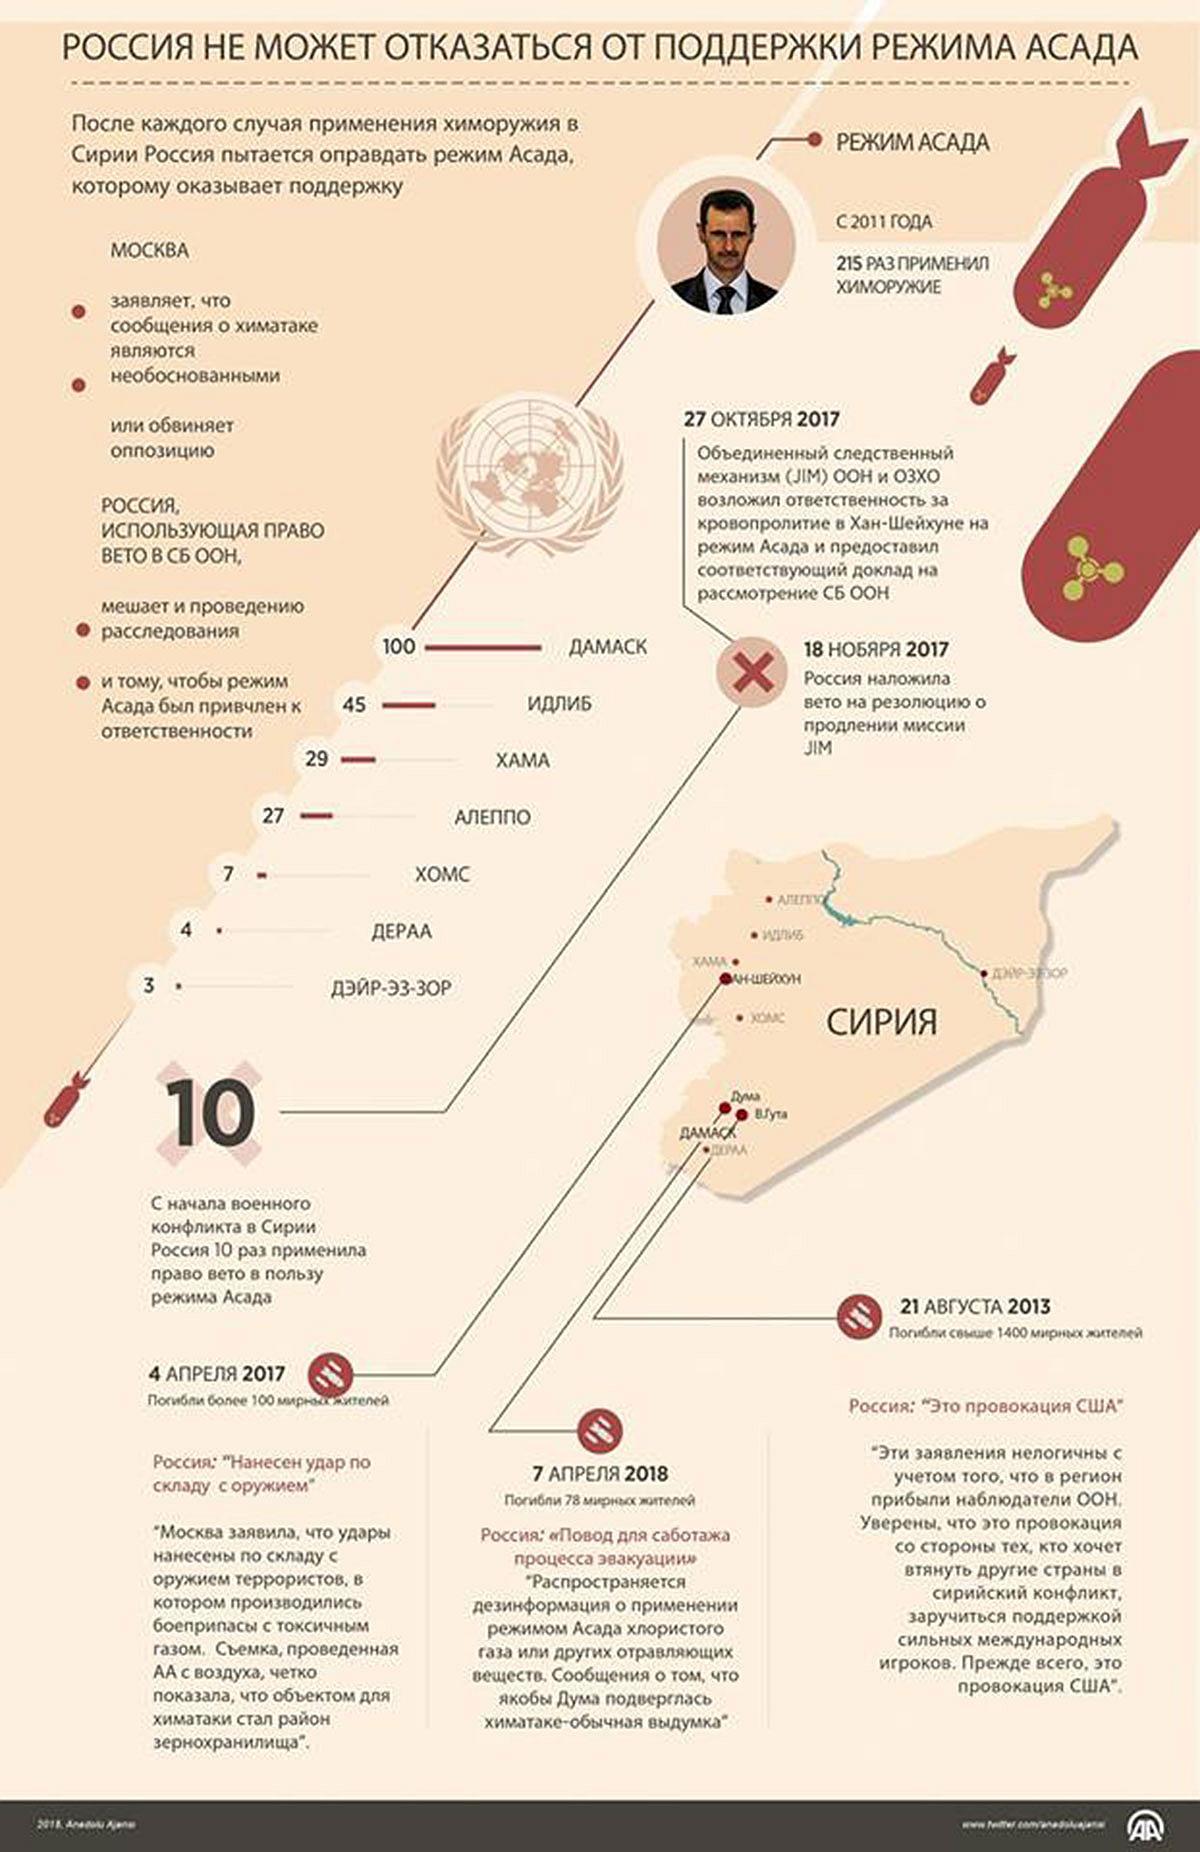 Инфографика Анадолу